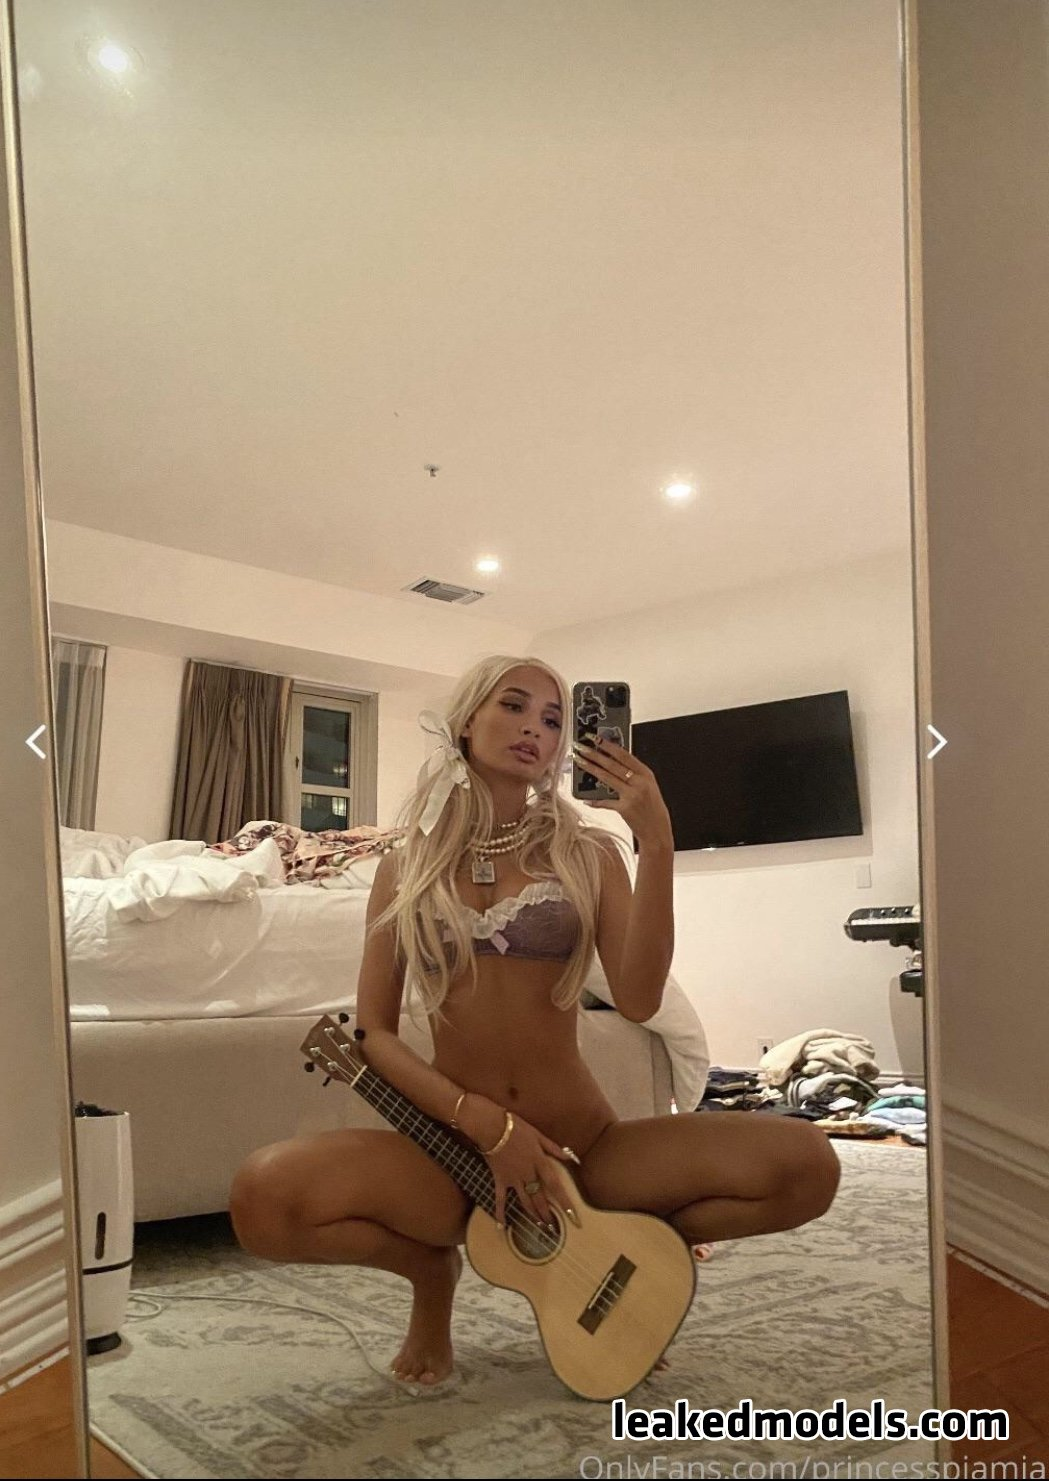 Pia Mia – princesspiamia OnlyFans Leaks (34 photos)